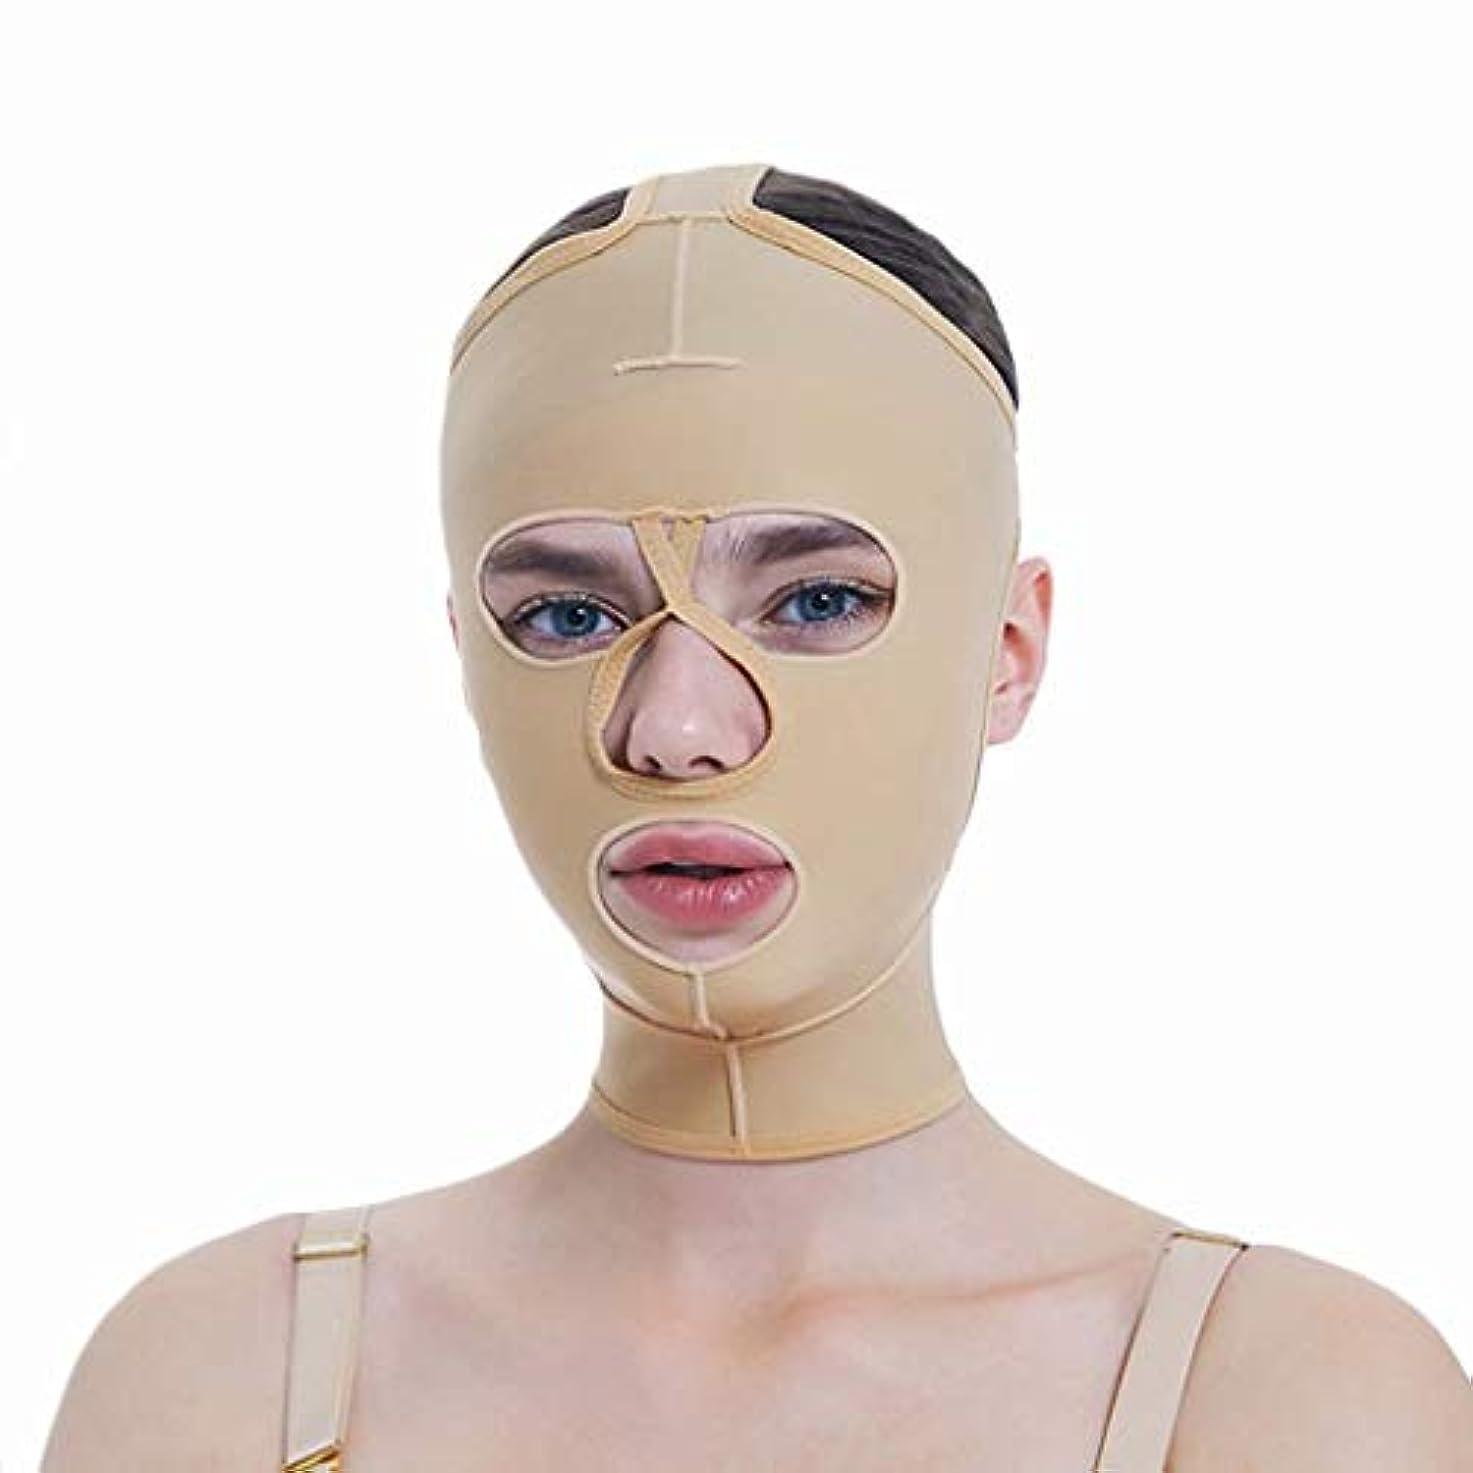 類似性隠された貫通フェイシャル減量マスク、フルカバレッジ包帯、フルフェイスリフティングマスク、フェイスマスク、快適で リフティングシェーピング(サイズ:S),M